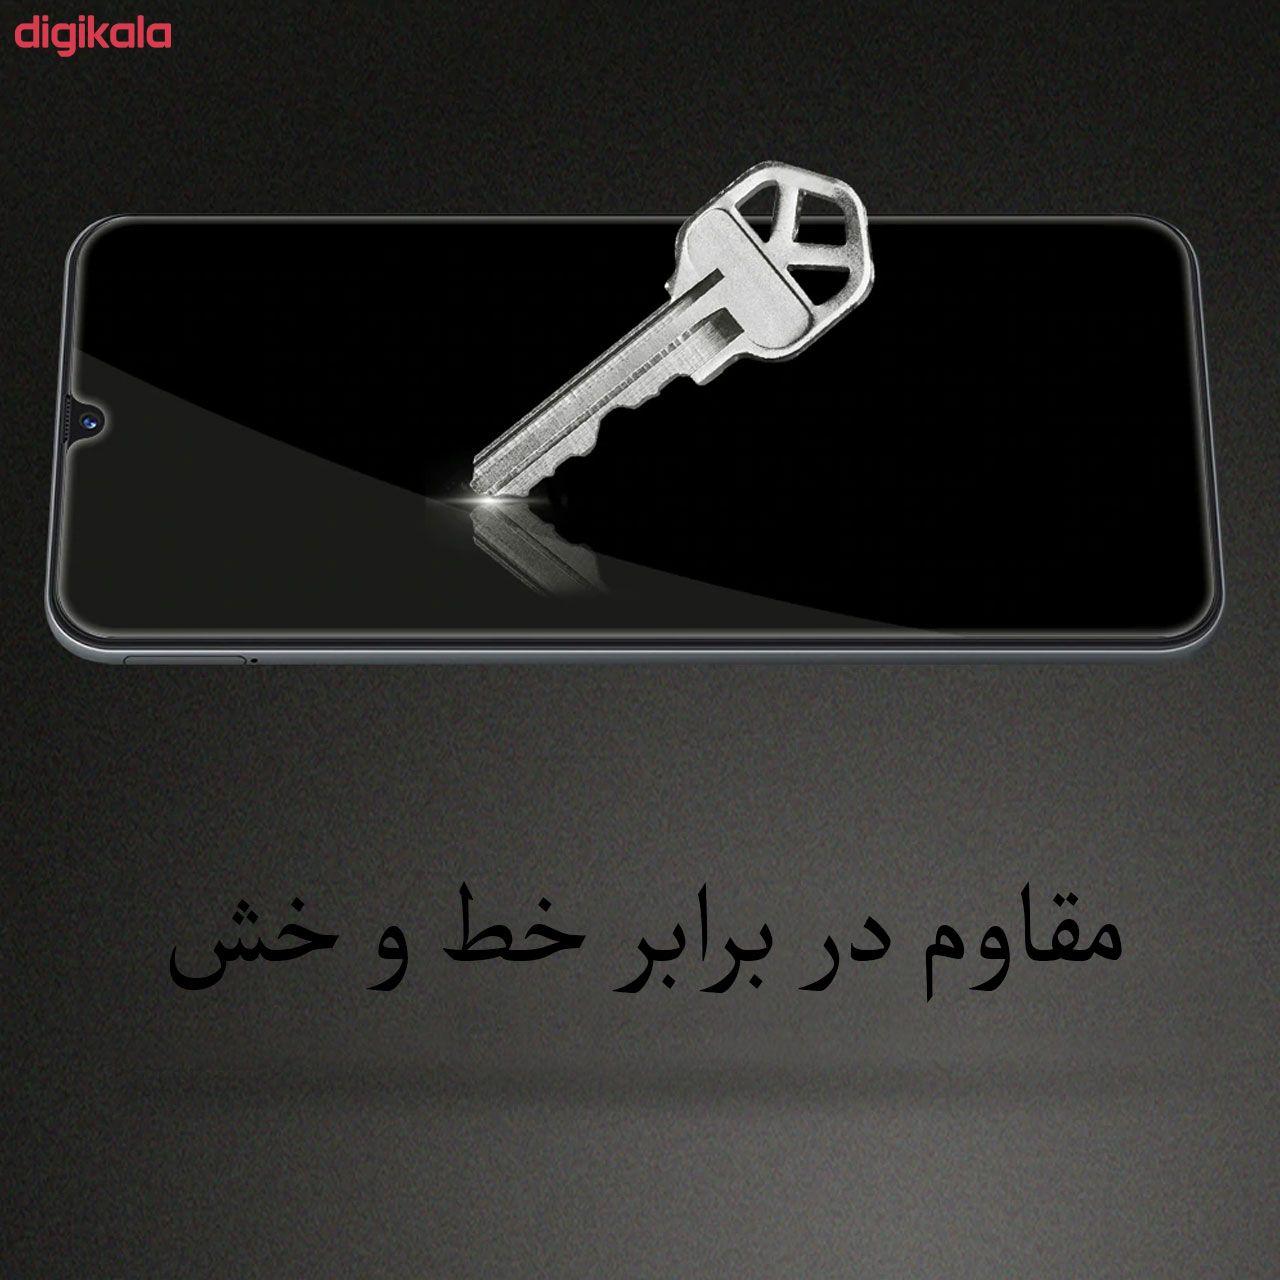 محافظ صفحه نمایش مدل FCG مناسب برای گوشی موبایل سامسونگ Galaxy A50 main 1 9